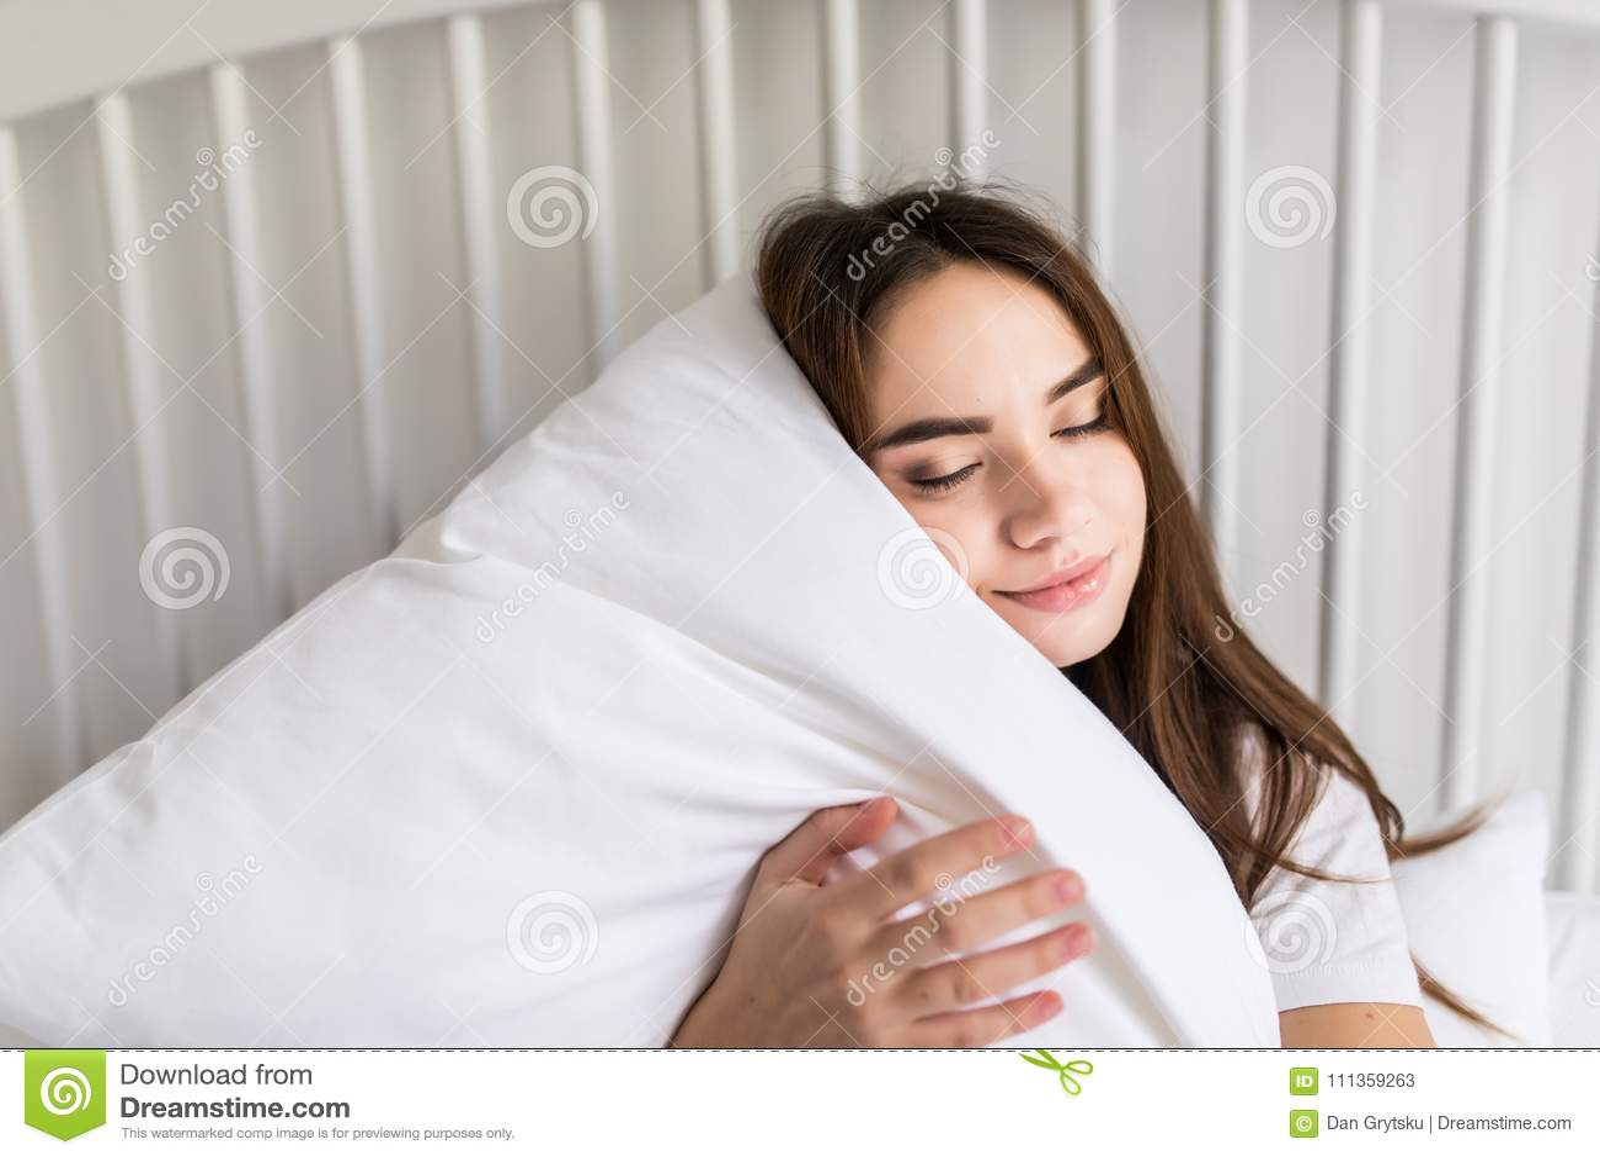 Zmysłowy Uśmiechnięty Młodej Kobiety Obsiadanie Na łóżka I